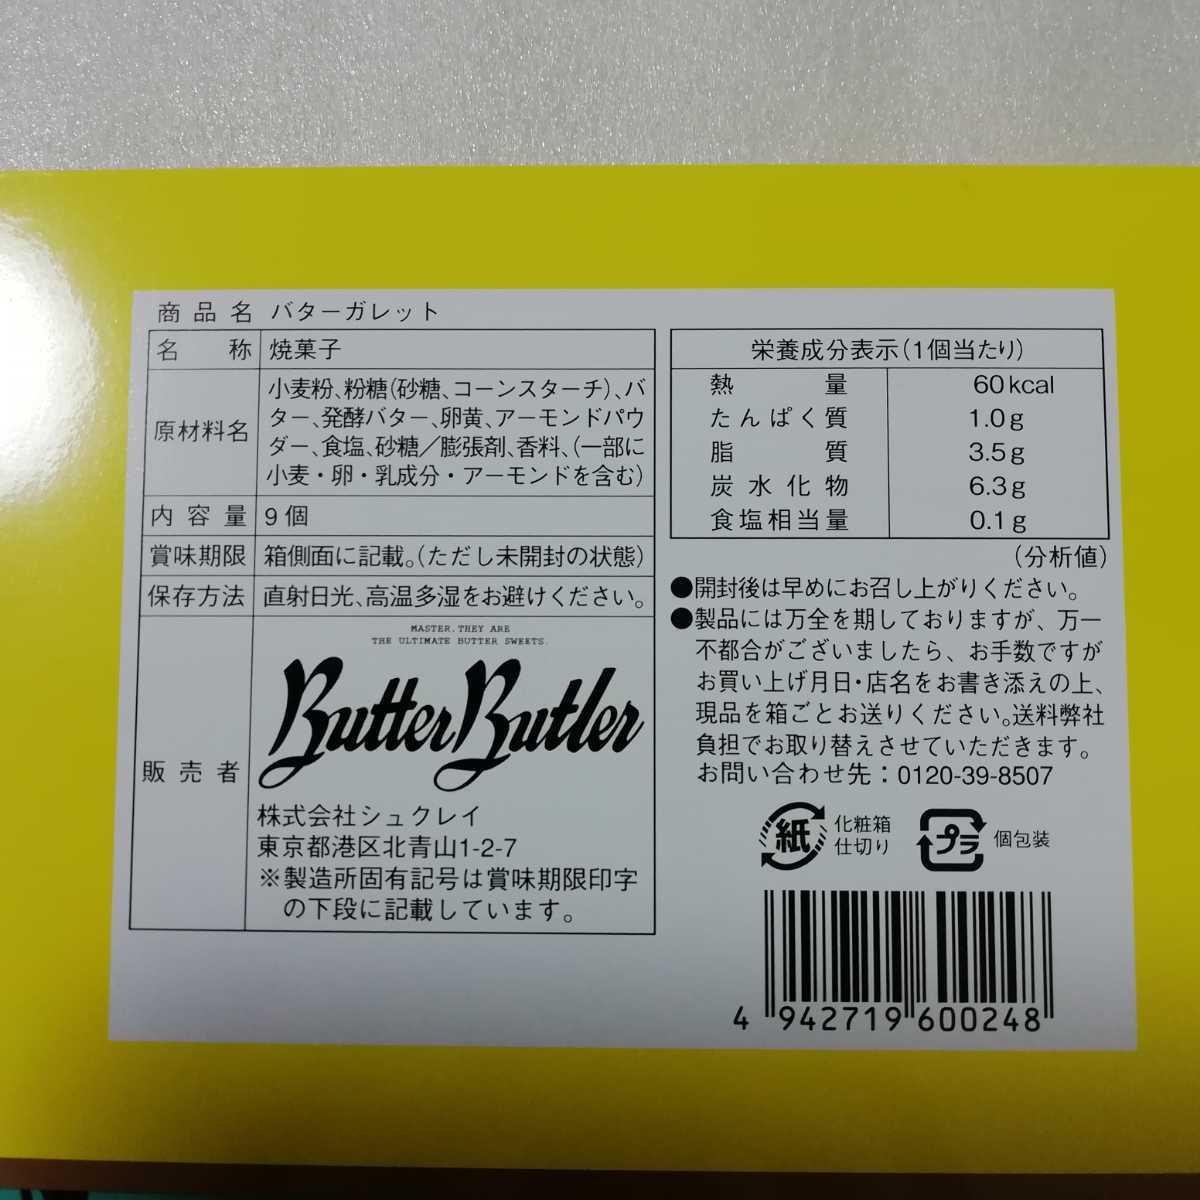 箱無し バターバトラー フィナンシェ ガレット お菓子 詰め合わせ 送料無料_画像3